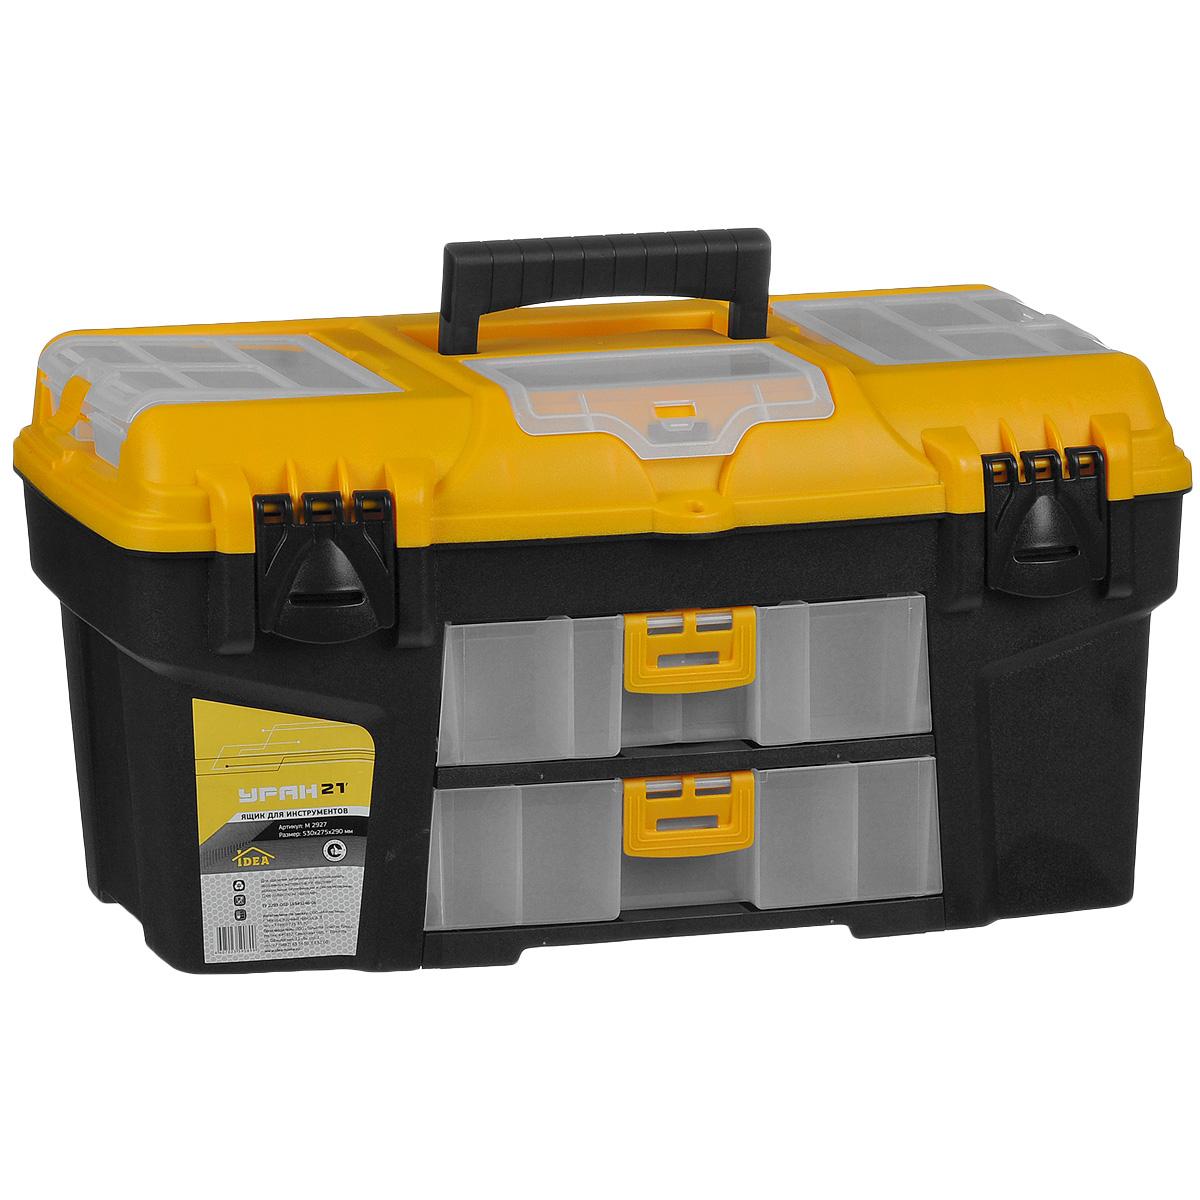 """Idea (М-пластика) Ящик для инструментов Idea """"Уран 21"""", со съемным органайзером, 53 х 27,5 х 29 см"""